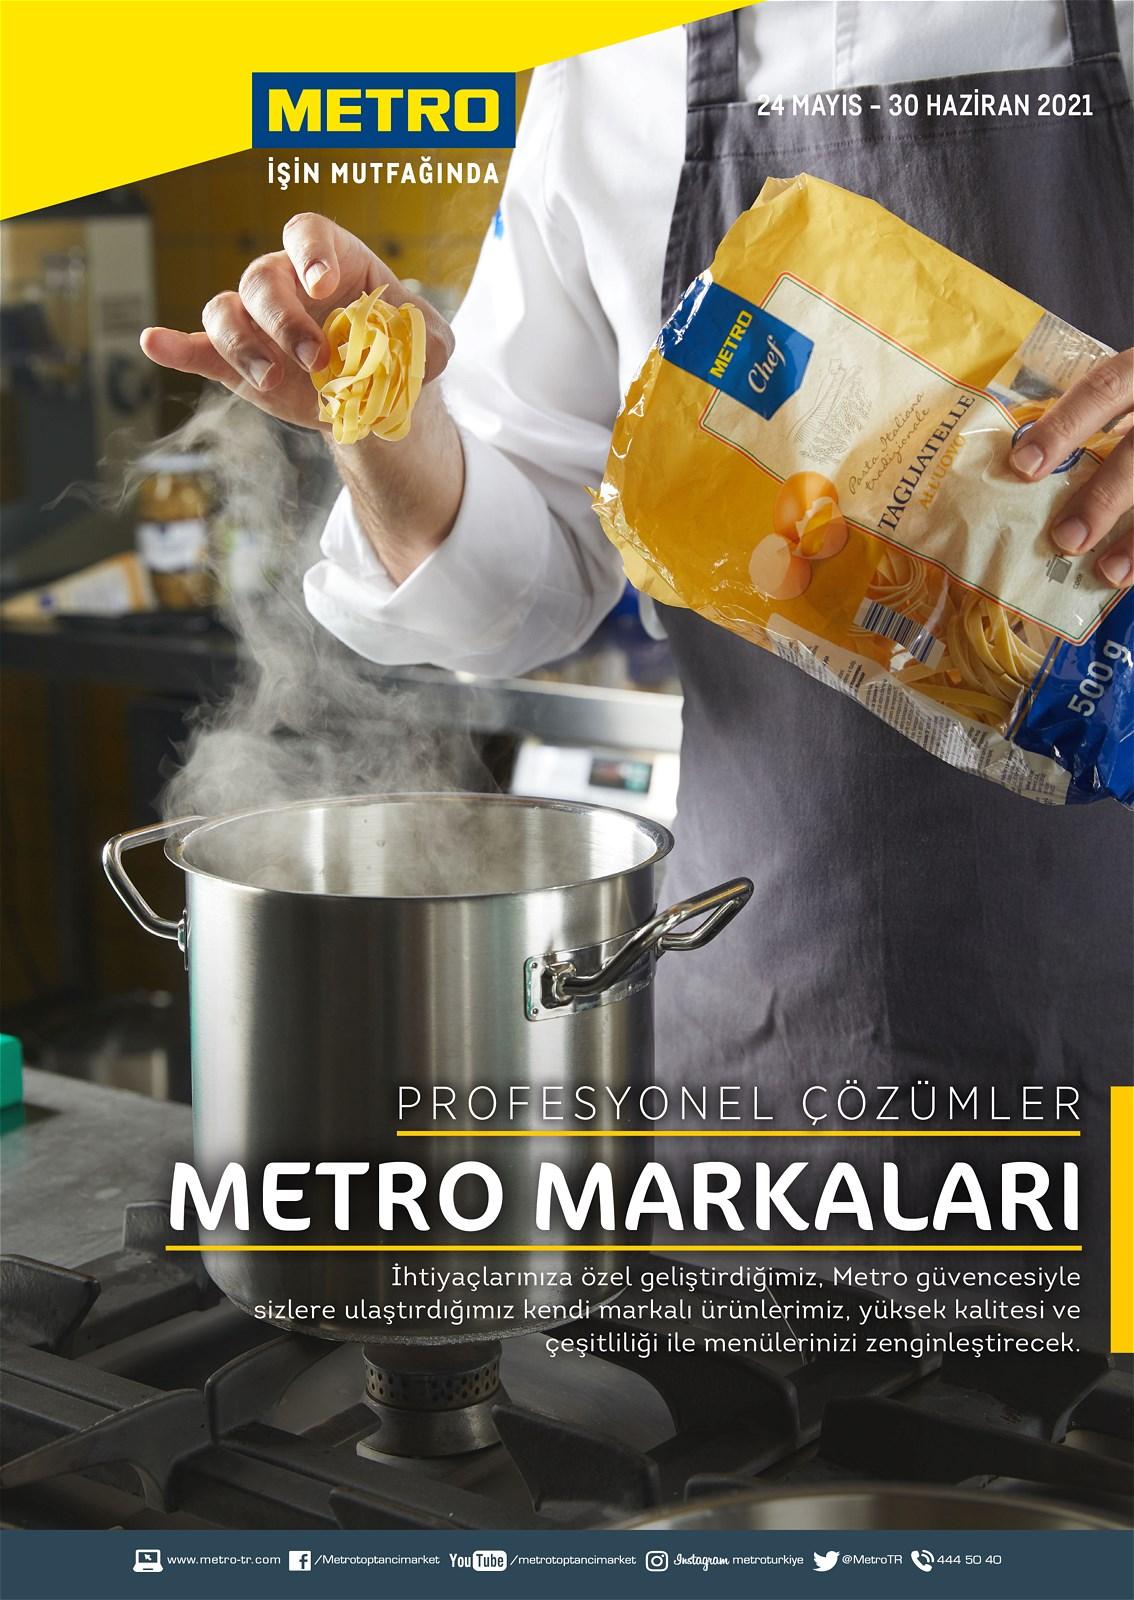 24.05.2021 Metro broşürü 1. sayfa